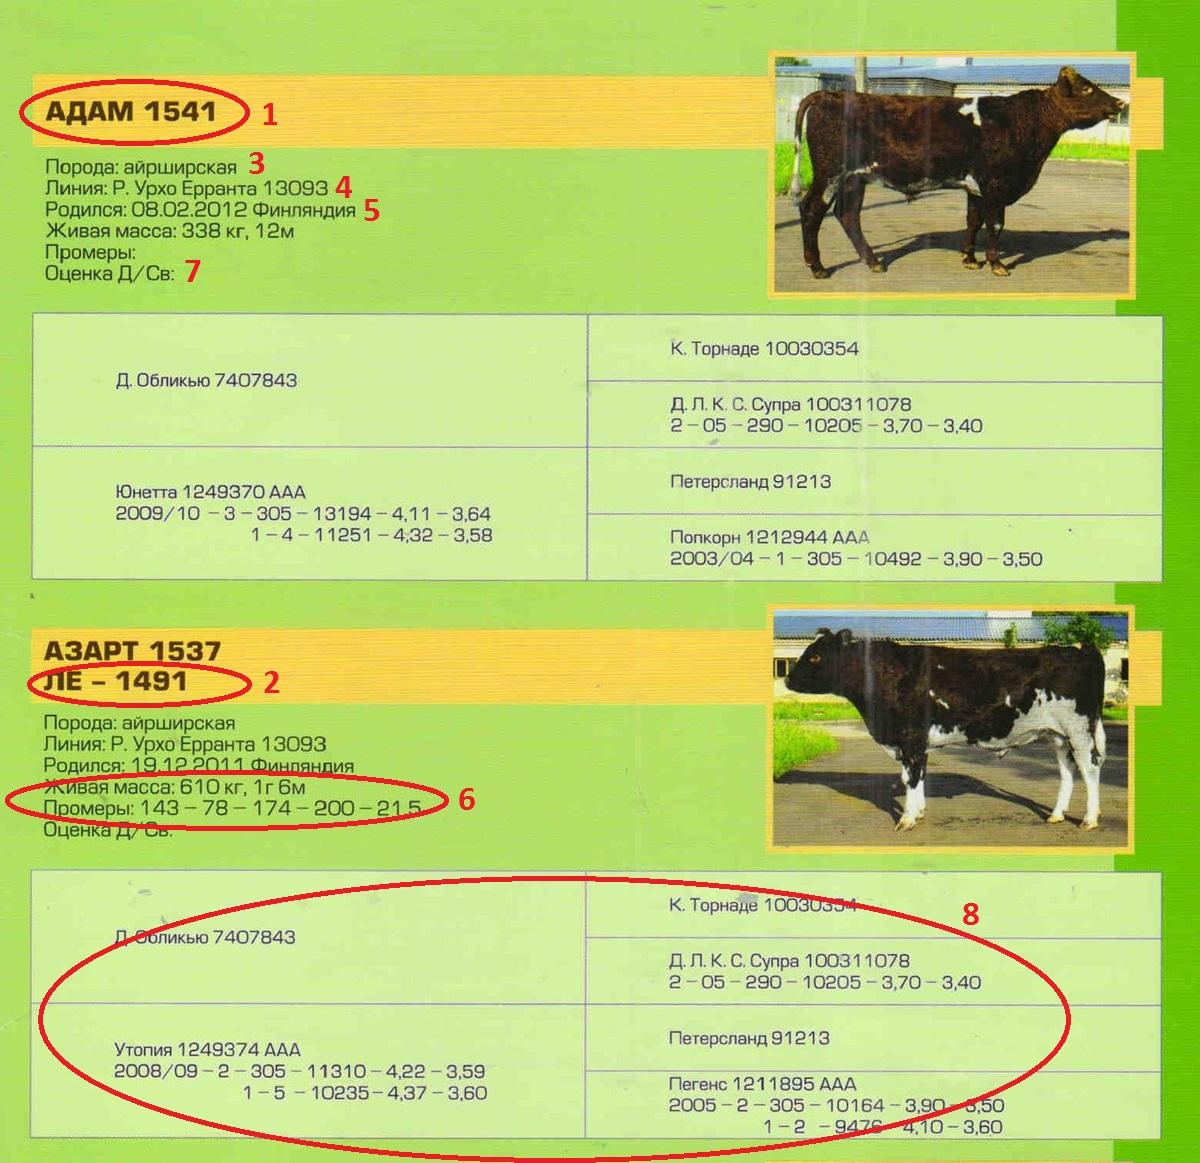 каталог быков производителей